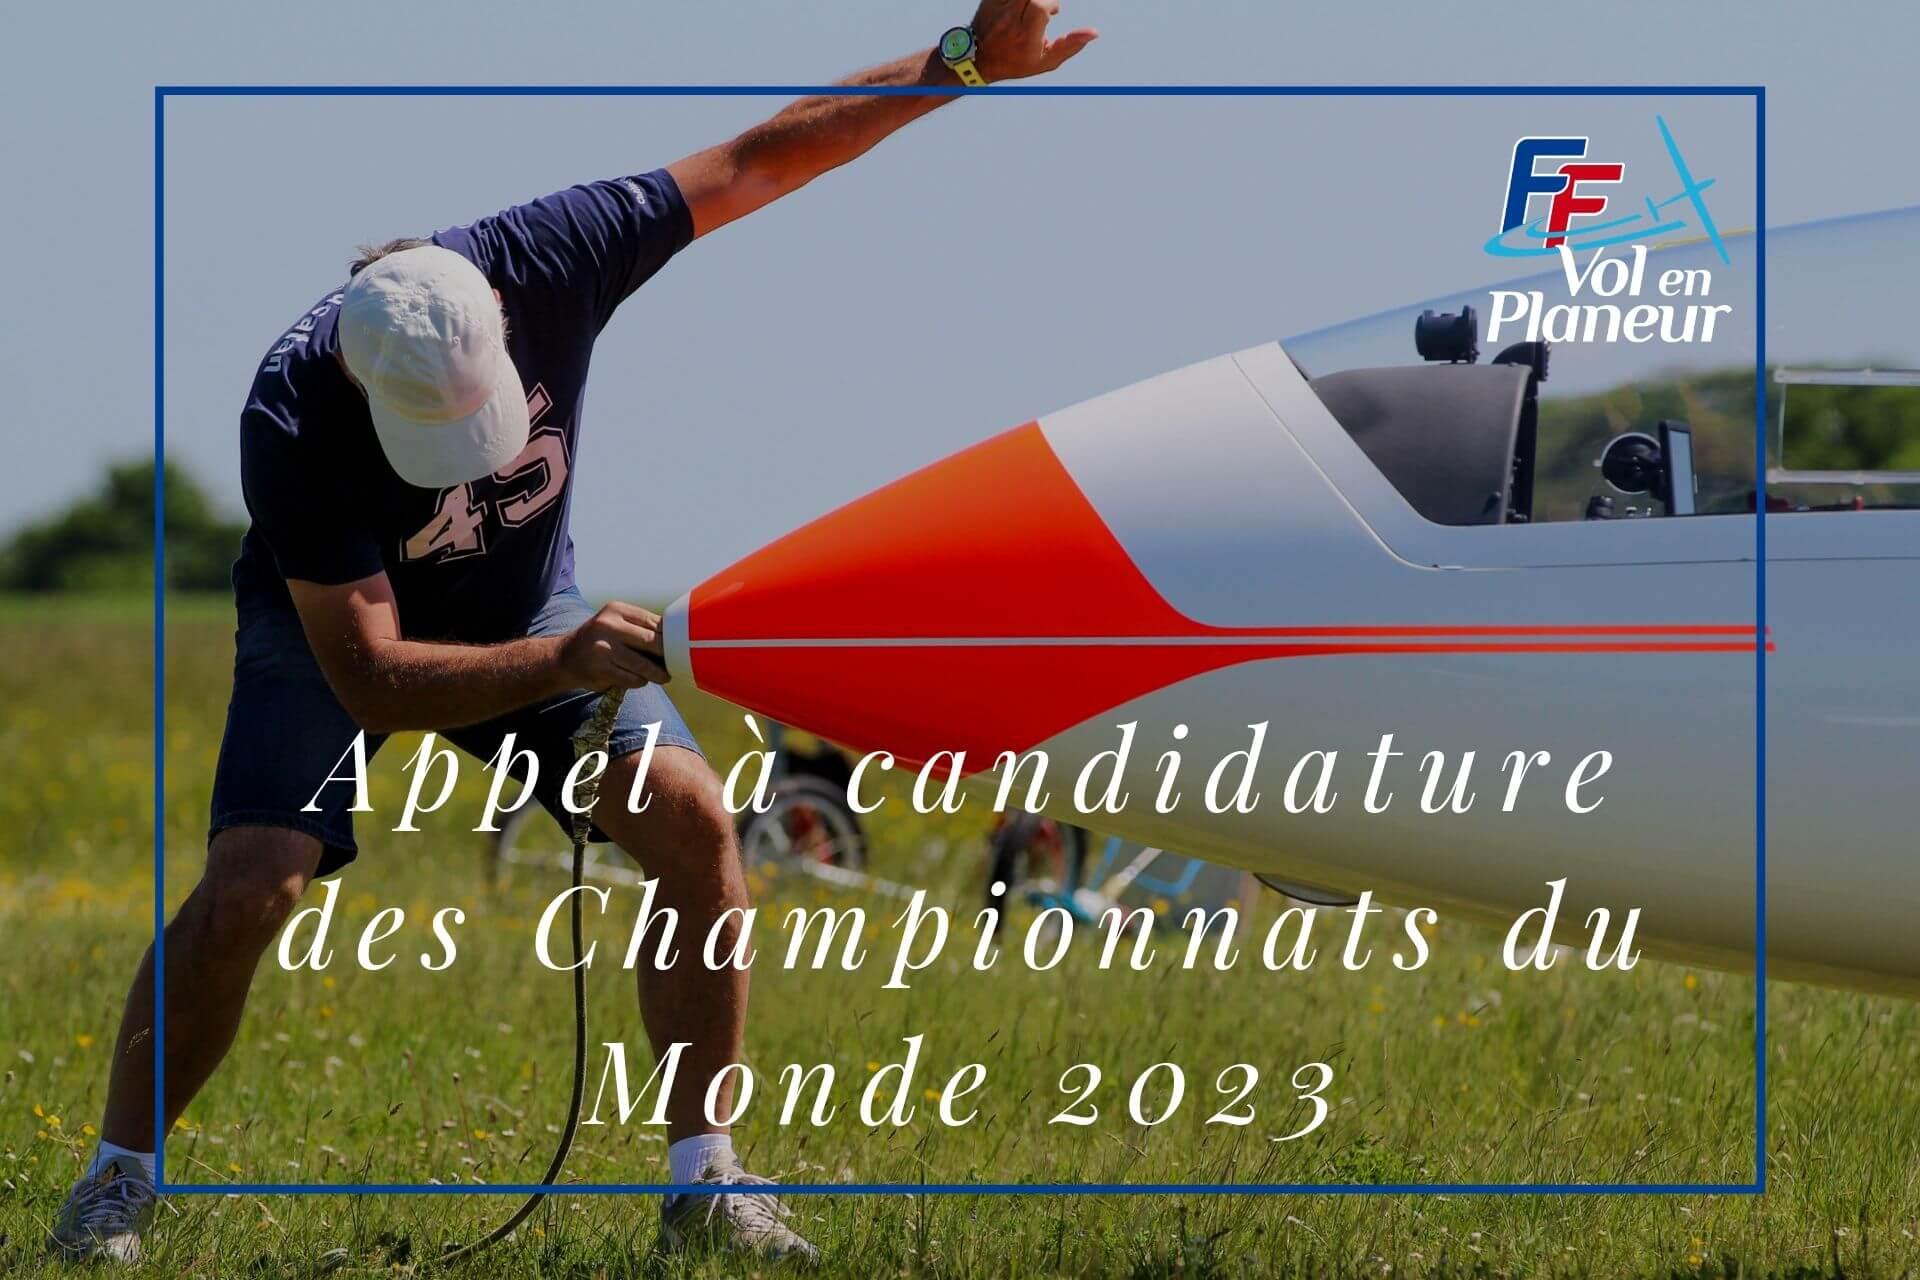 Appel à candidature pour organisation des Championnats du Monde 2023